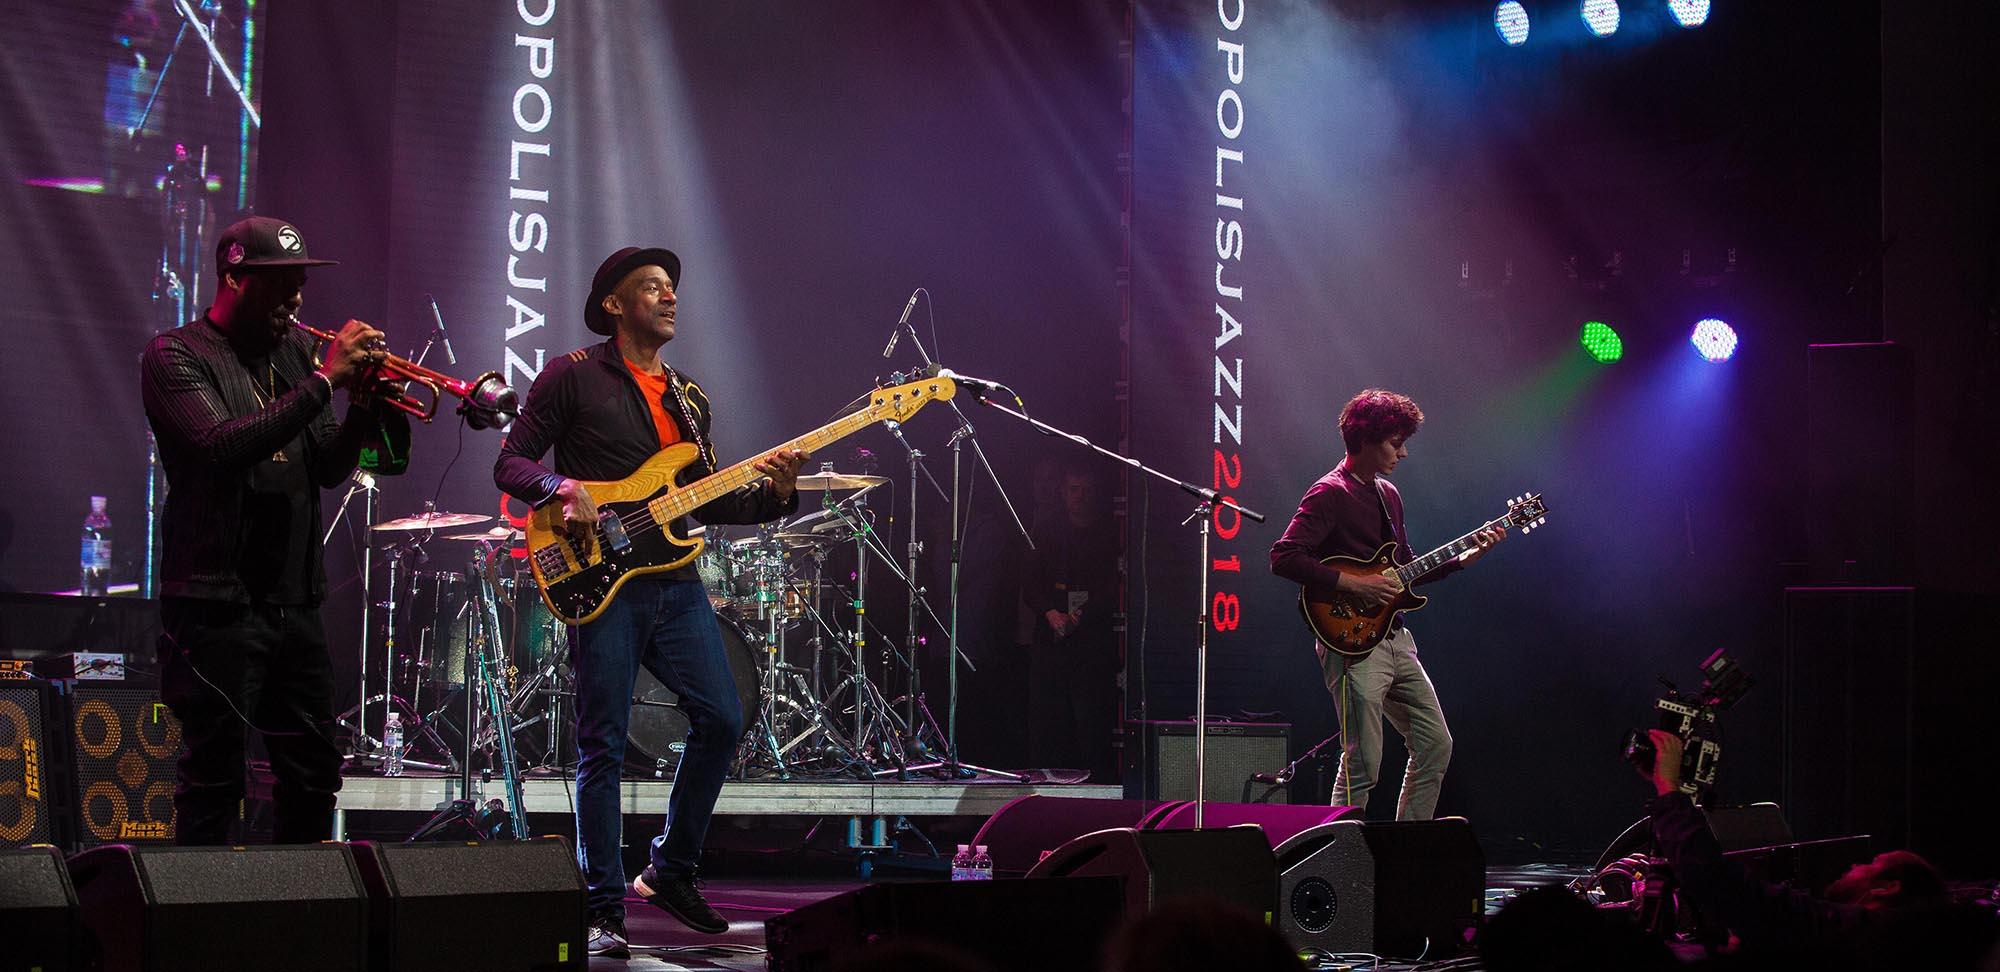 Marcus Miller & Russel Gunn & Tom Ibarra fot. Andrew Olifirenko